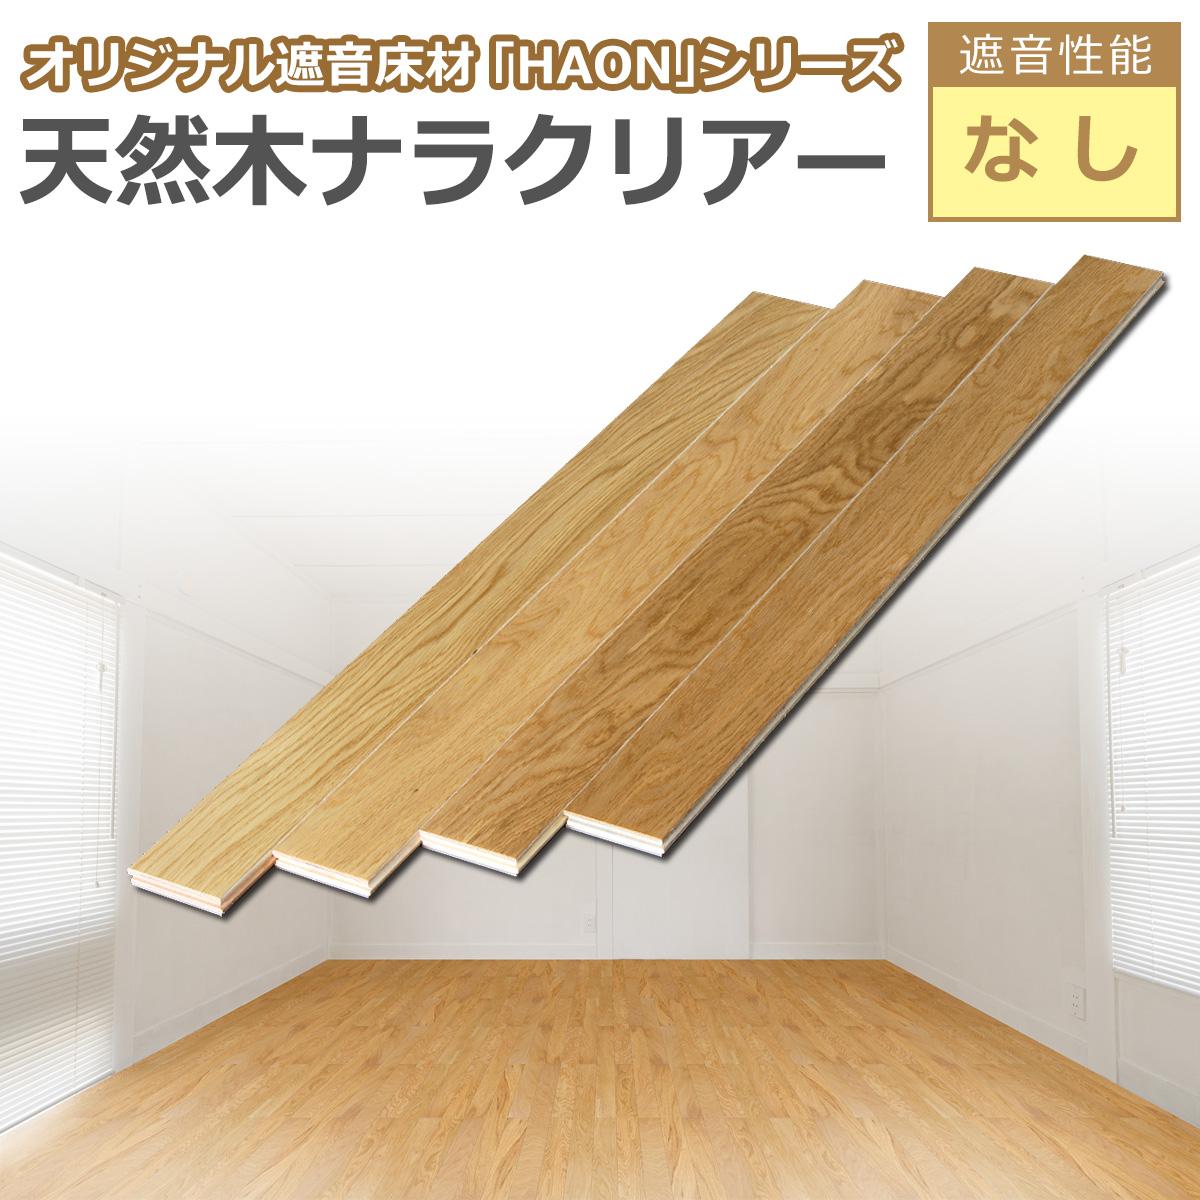 オリジナル遮音床材「HAON」シリーズ 天然木ナラクリアー 遮音性能なし